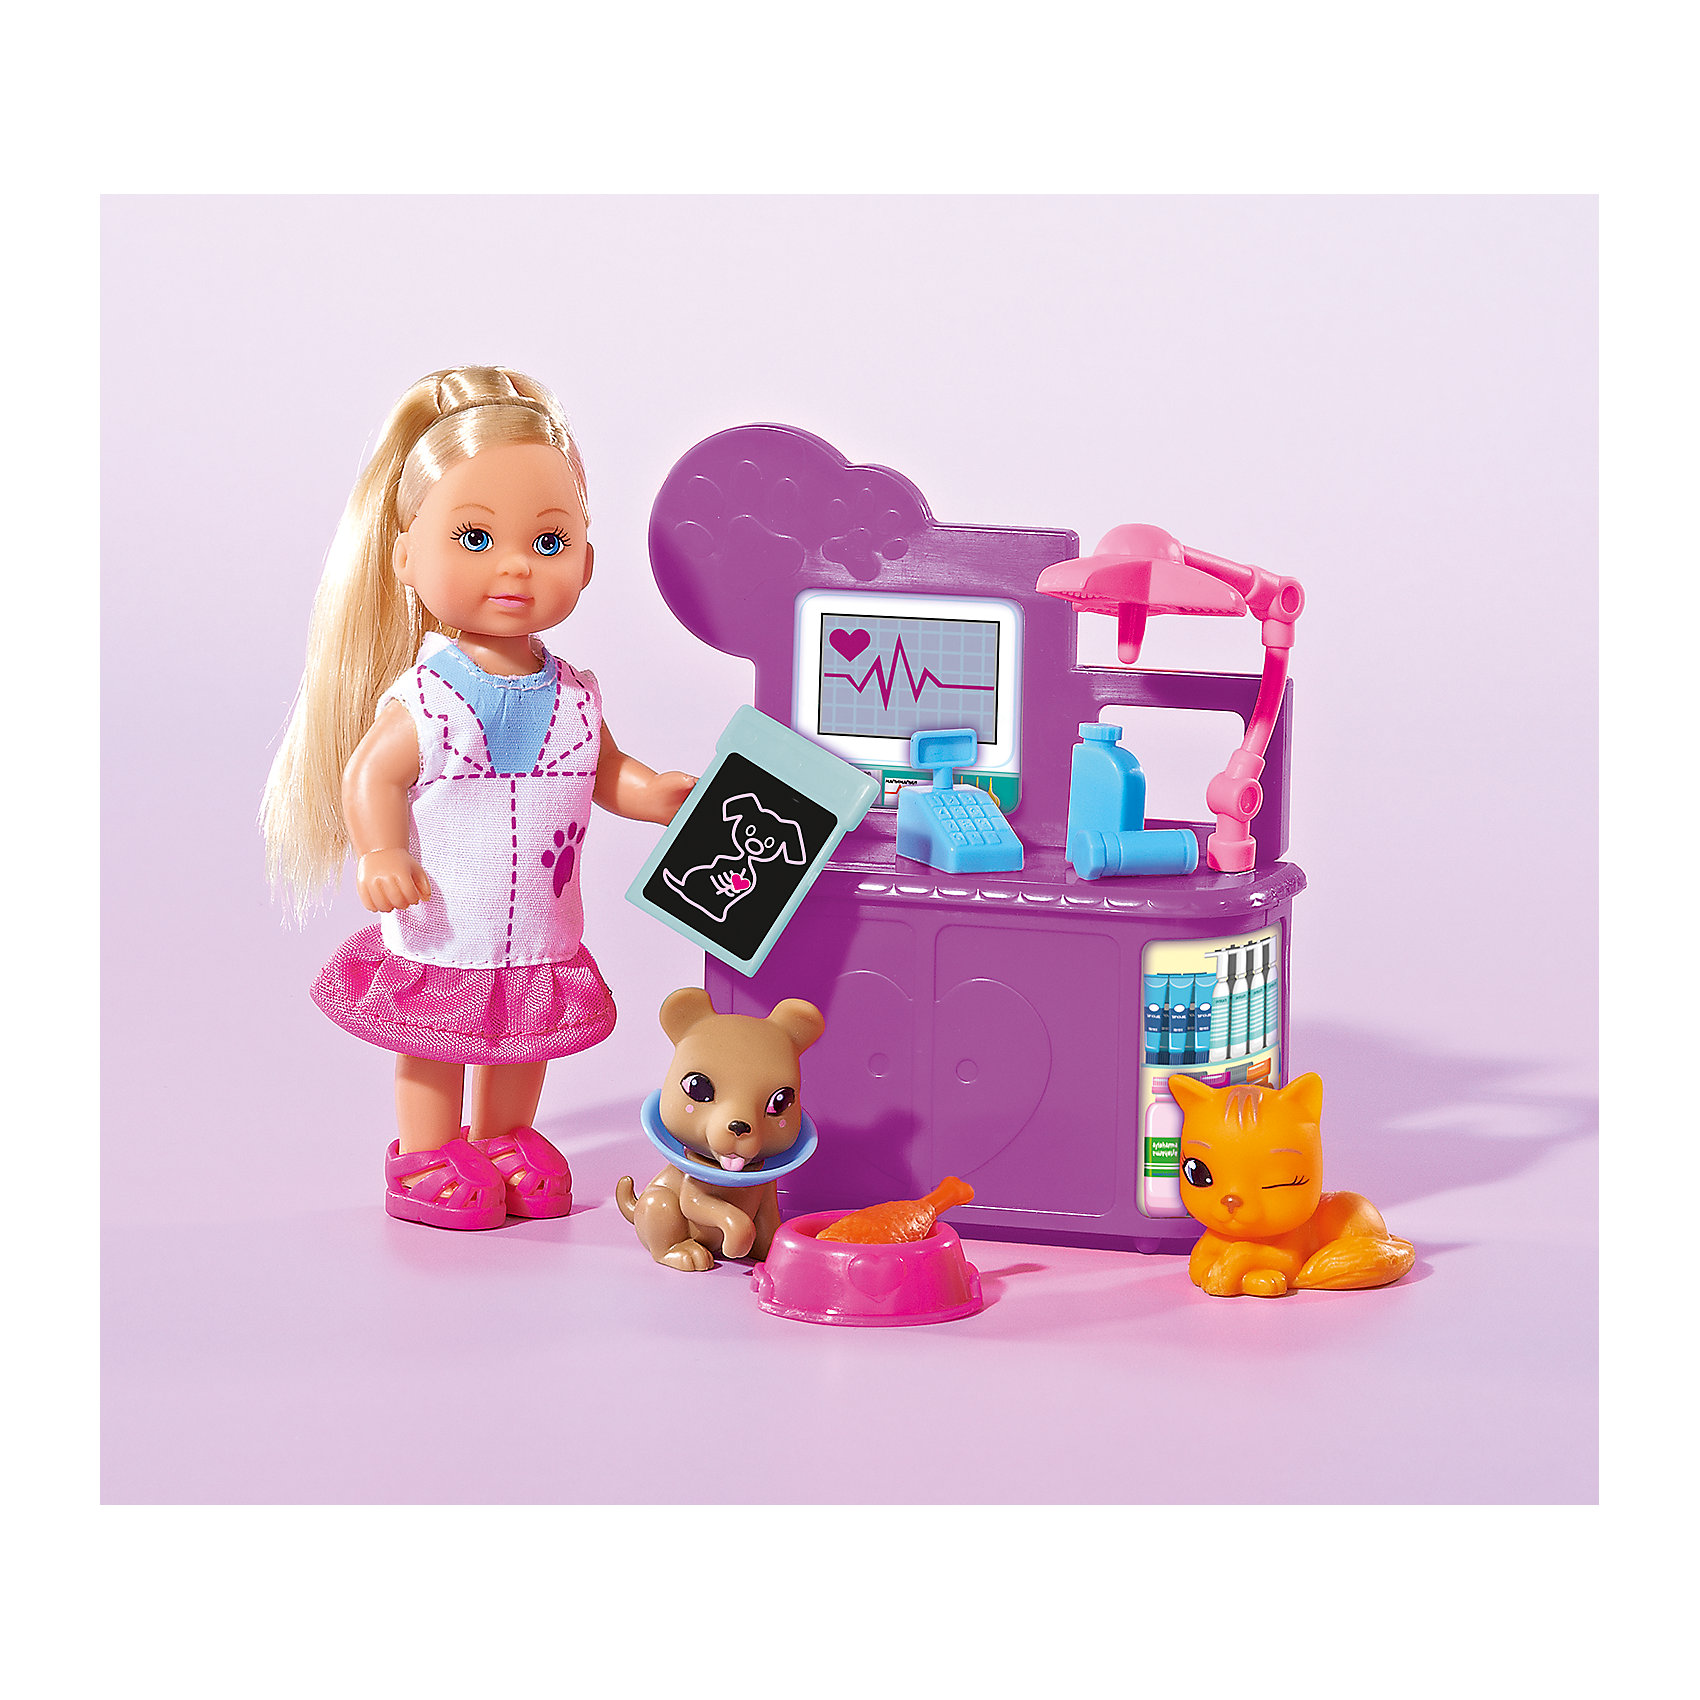 Кукла Еви-ветеринар, SimbaSteffi и Evi Love<br>Характеристики товара:<br><br>- цвет: разноцветный;<br>- материал: пластик;<br>- возраст: от трех лет;<br>- комплектация: кукла, аксессуары;<br>- высота куклы: 12 см.<br><br>Эта симпатичная кукла Еви от известного бренда не оставит девочку равнодушной! Какая девочка сможет отказаться поиграть с куклами, которые дополнены комплектом специальных предметов?! В набор входят аксессуары для игр с куклой. Игрушка очень качественно выполнена, поэтому она станет замечательным подарком ребенку. <br>Продается набор в красивой удобной упаковке. Игры с куклами помогают девочкам развить важные навыки и отработать модели социального взаимодействия. Изделие произведено из высококачественного материала, безопасного для детей.<br><br>Набор кукла Еви-ветеринар от бренда Simba можно купить в нашем интернет-магазине.<br><br>Ширина мм: 203<br>Глубина мм: 167<br>Высота мм: 55<br>Вес г: 190<br>Возраст от месяцев: 36<br>Возраст до месяцев: 84<br>Пол: Женский<br>Возраст: Детский<br>SKU: 4129100